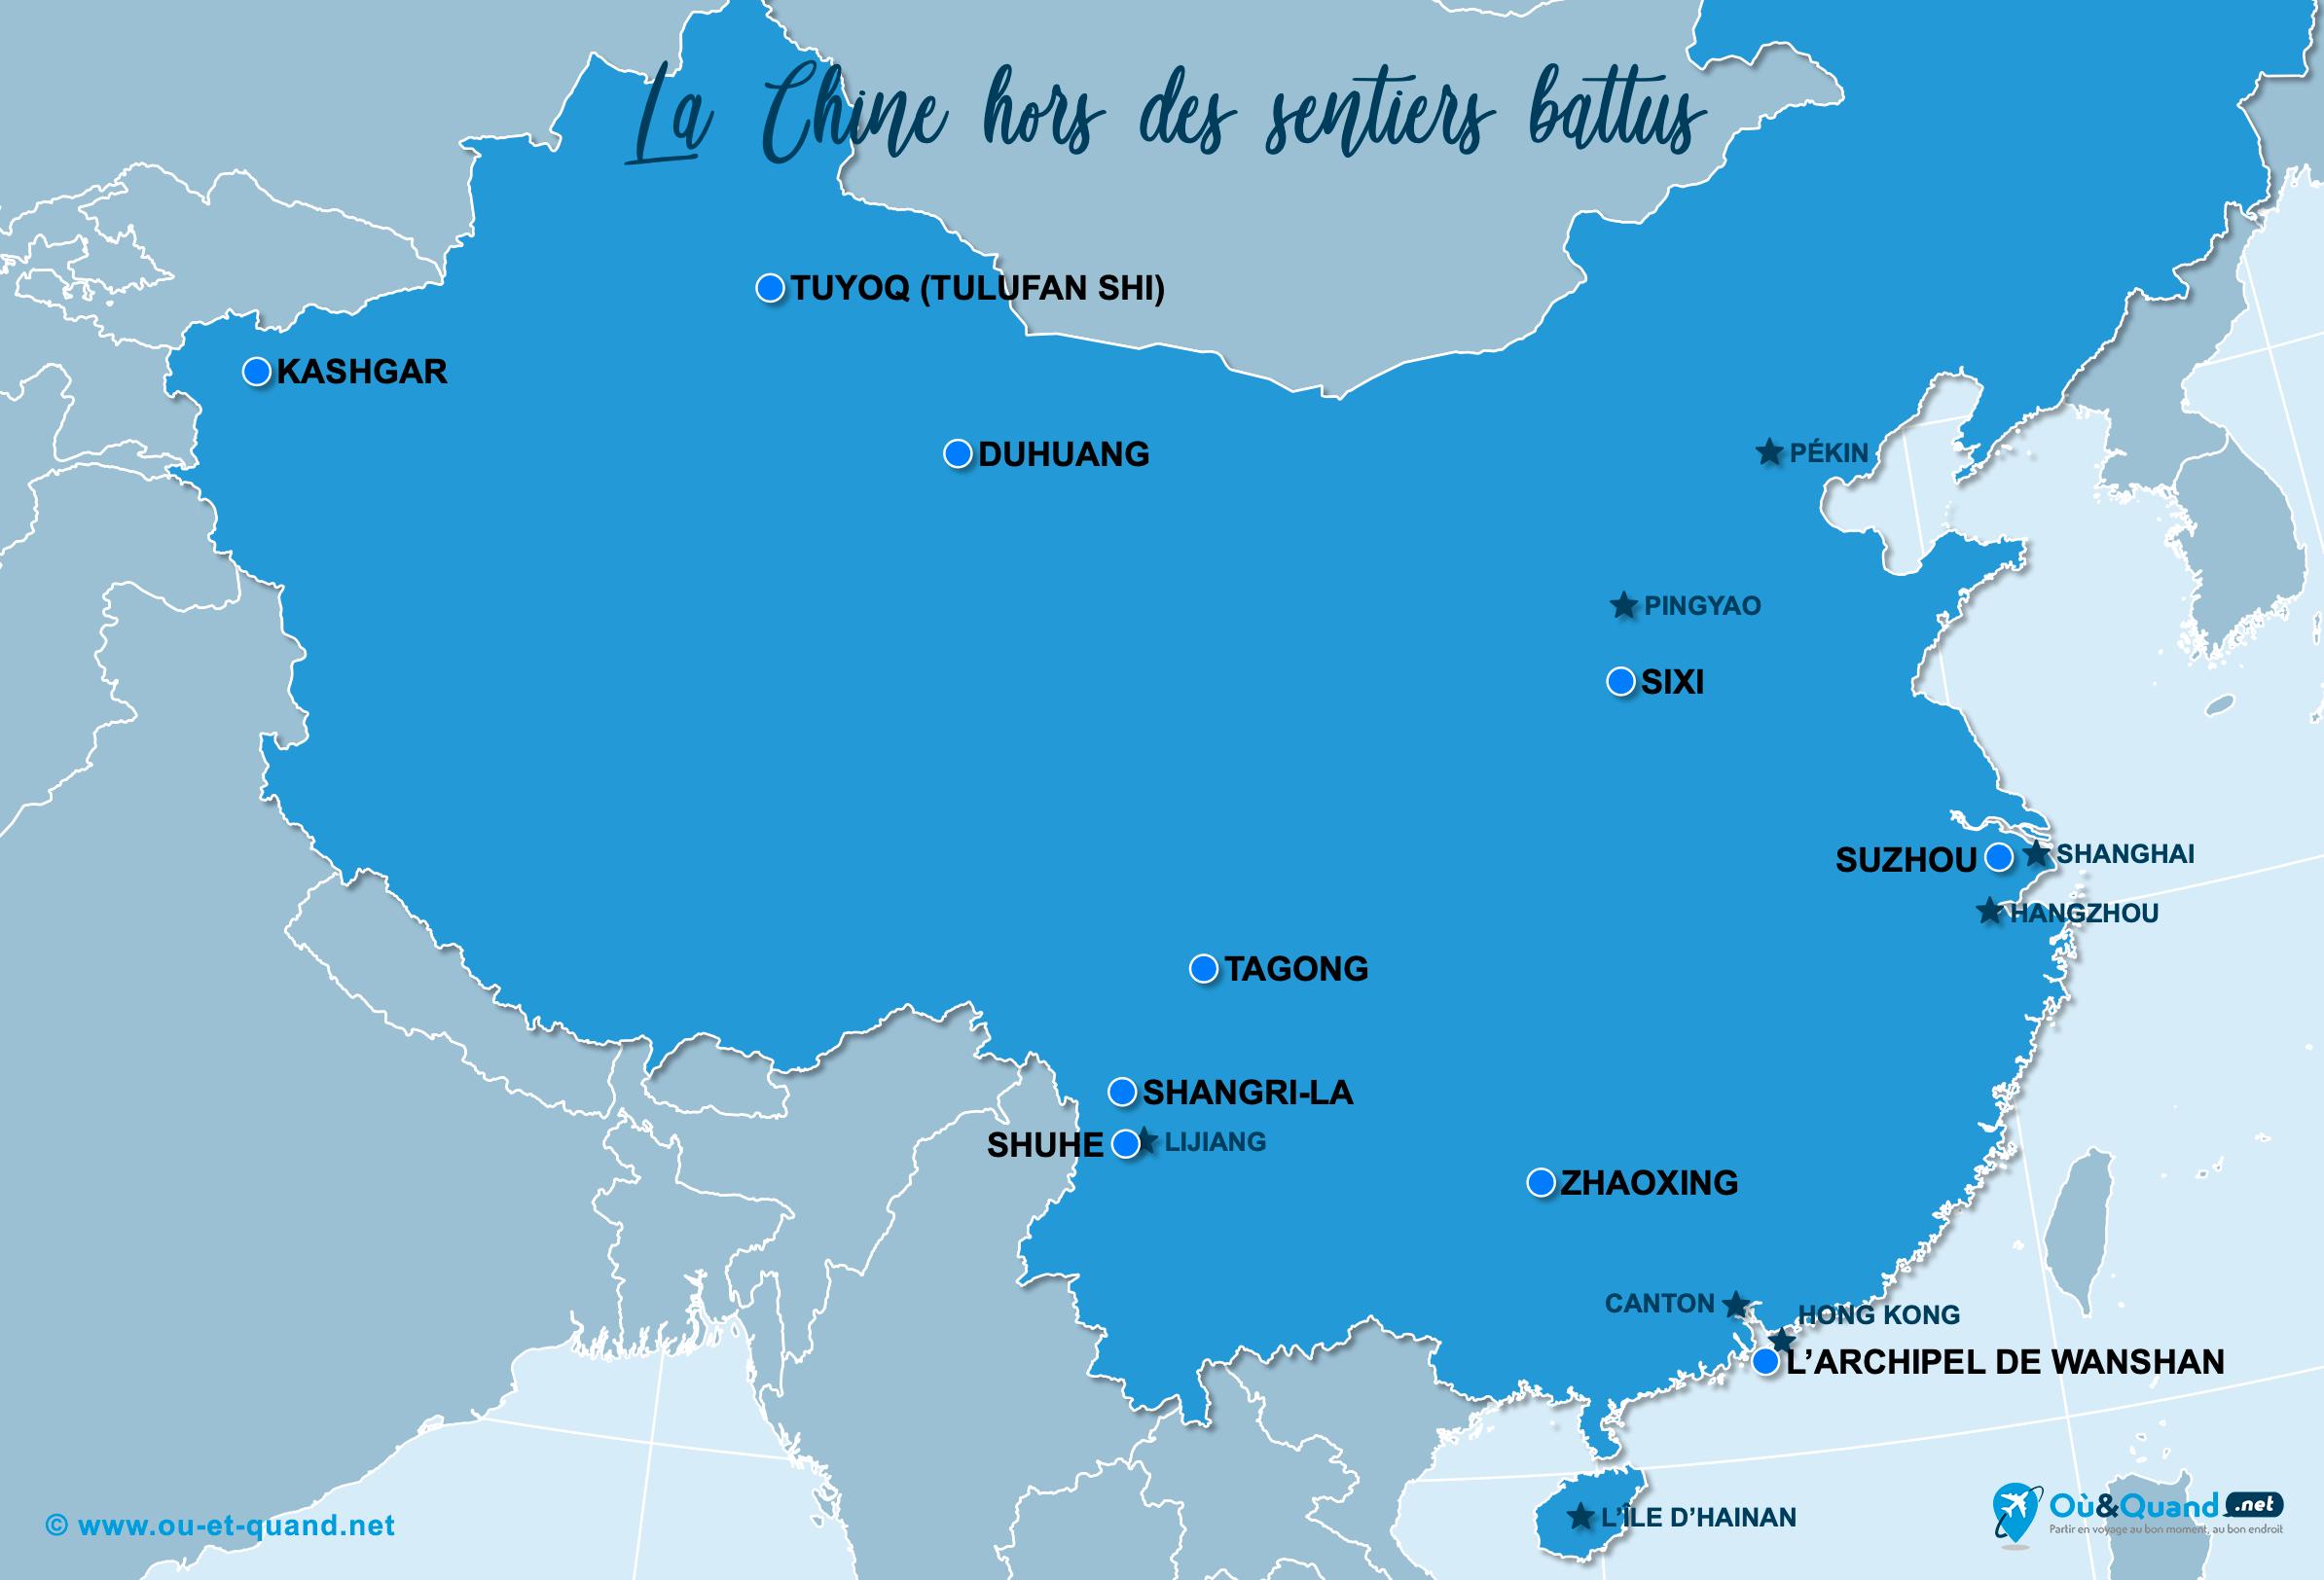 Carte Chine : La Chine hors des sentiers battus